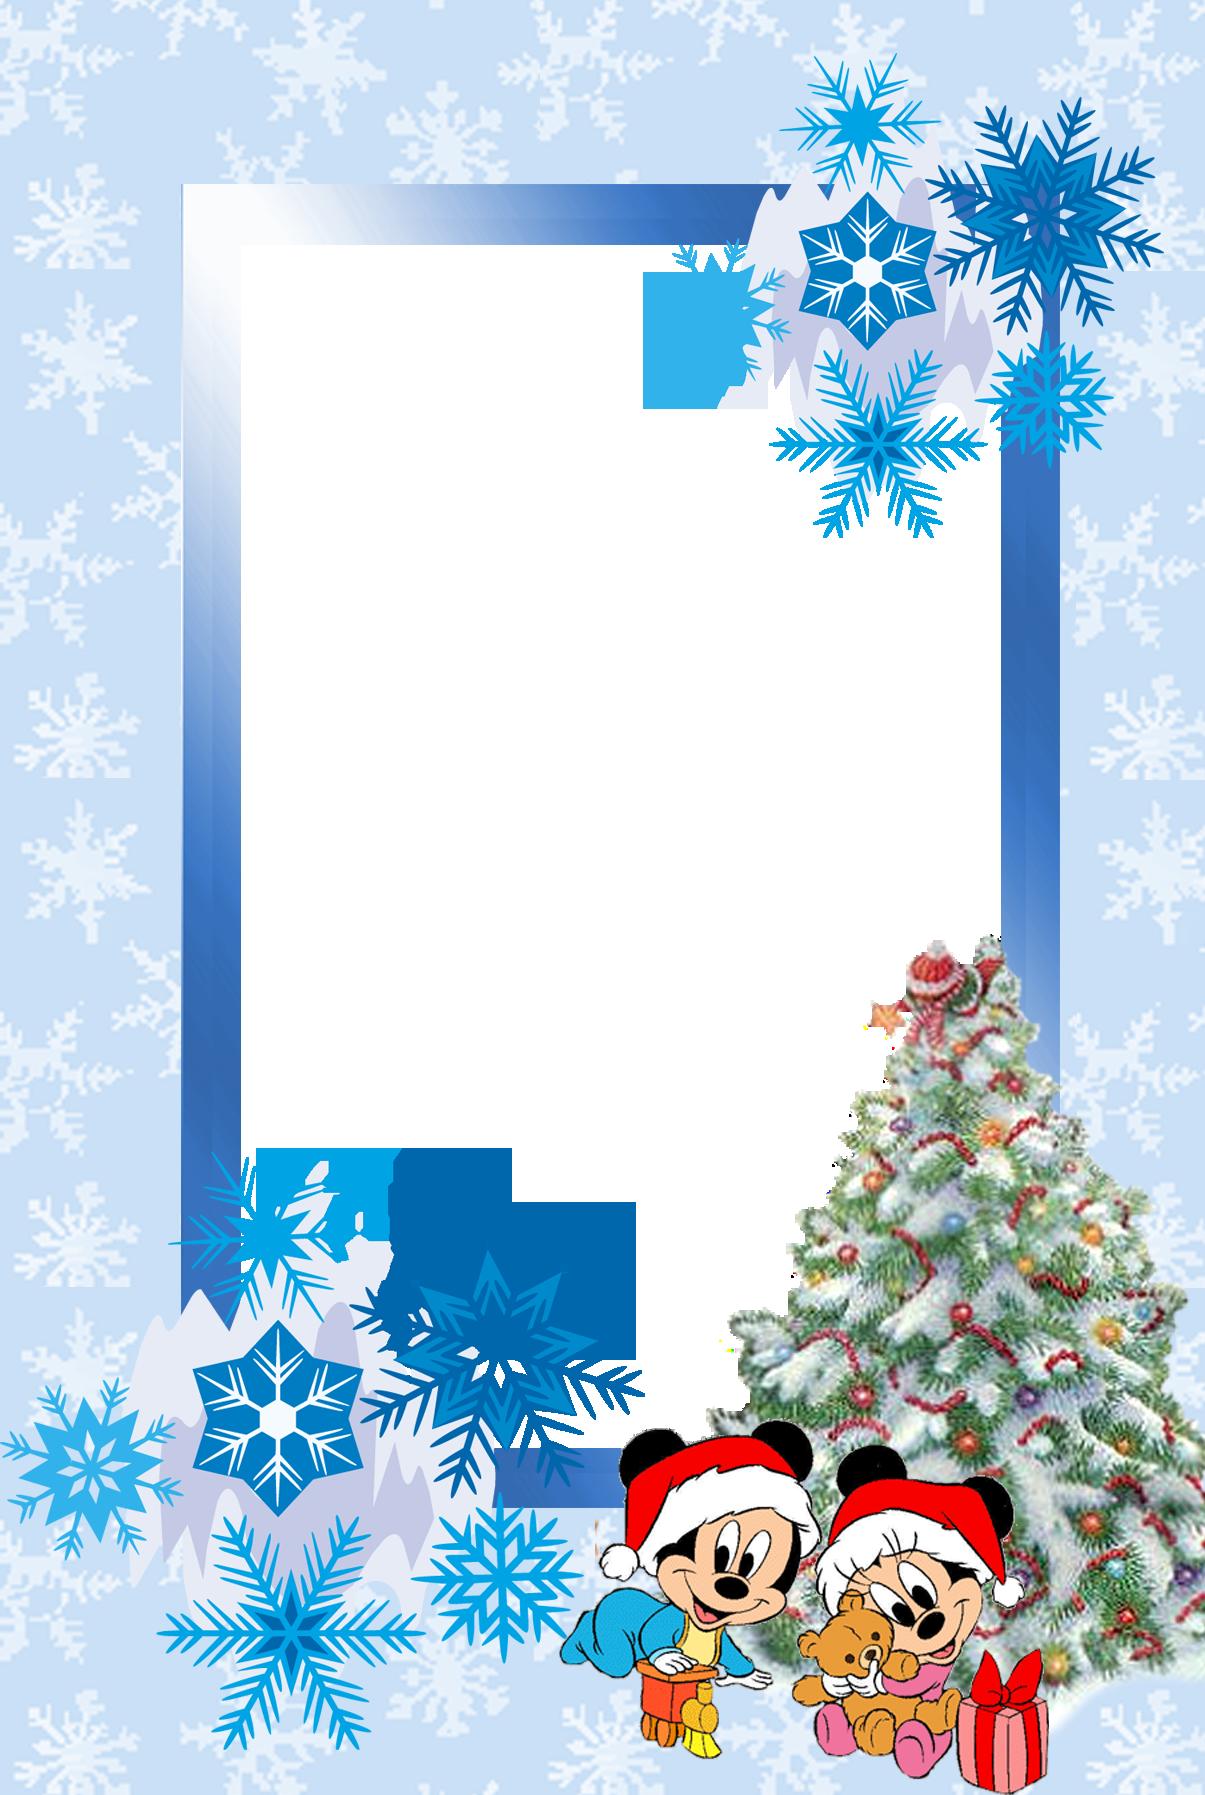 Веселый Дед Мороз спешит раздавать подарки! новогодняя рамка для двух